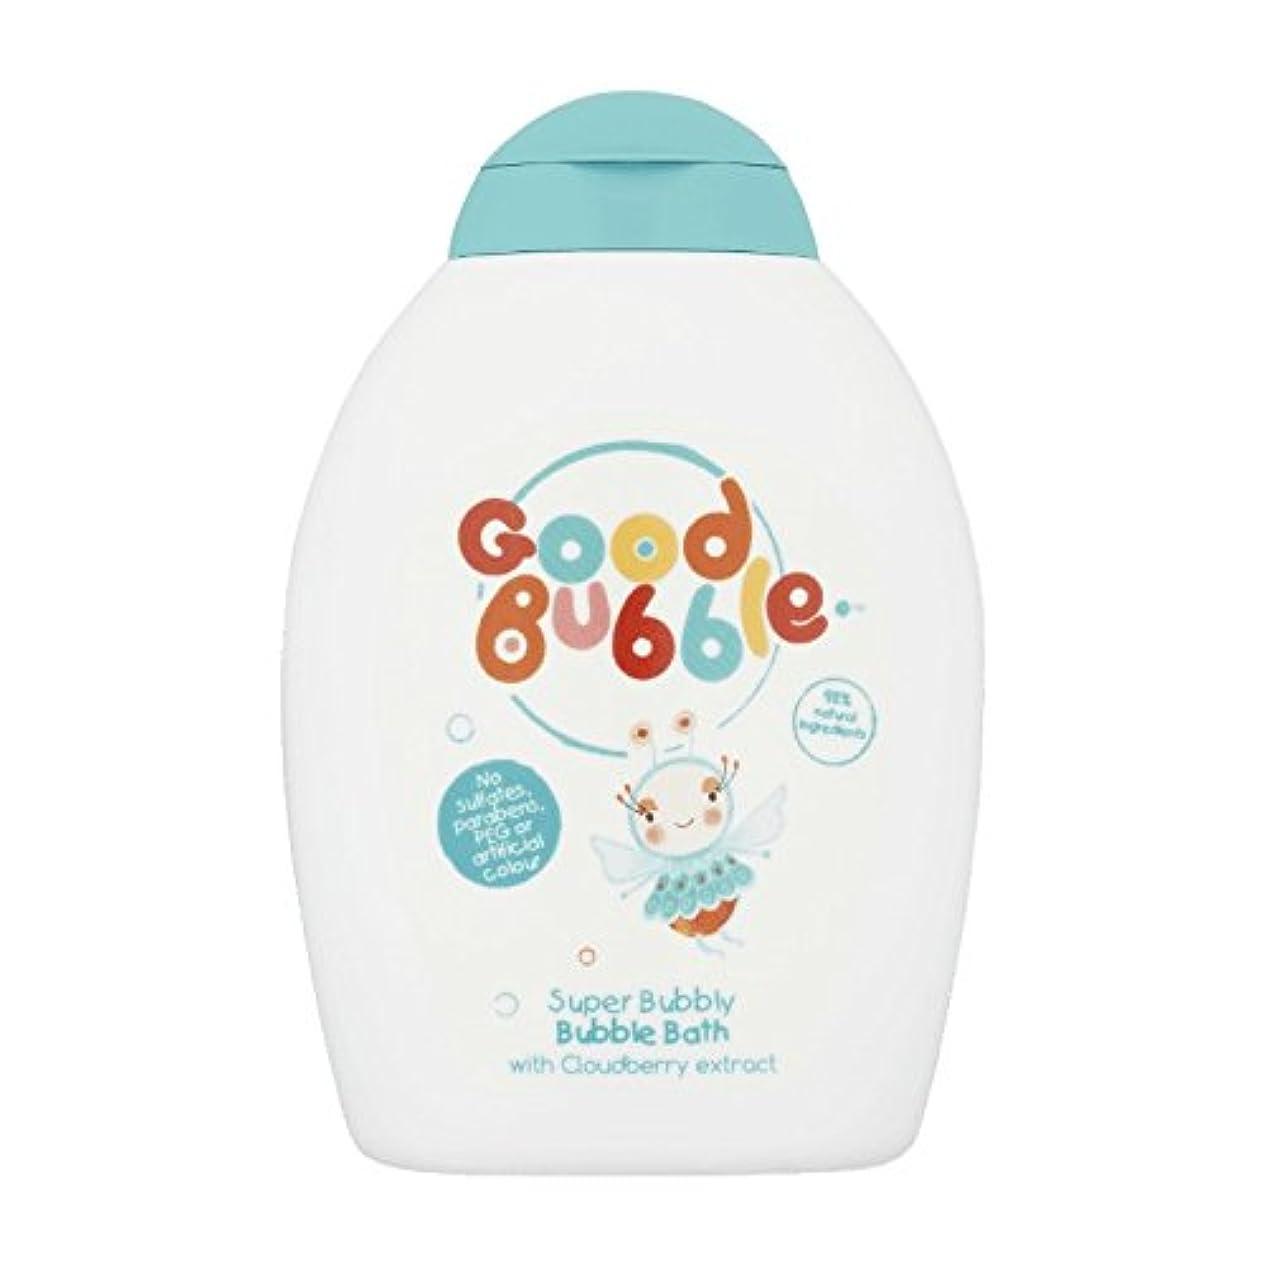 入札スズメバチ手段良いバブルクラウドベリーバブルバス400ミリリットル - Good Bubble Cloudberry Bubble Bath 400ml (Good Bubble) [並行輸入品]